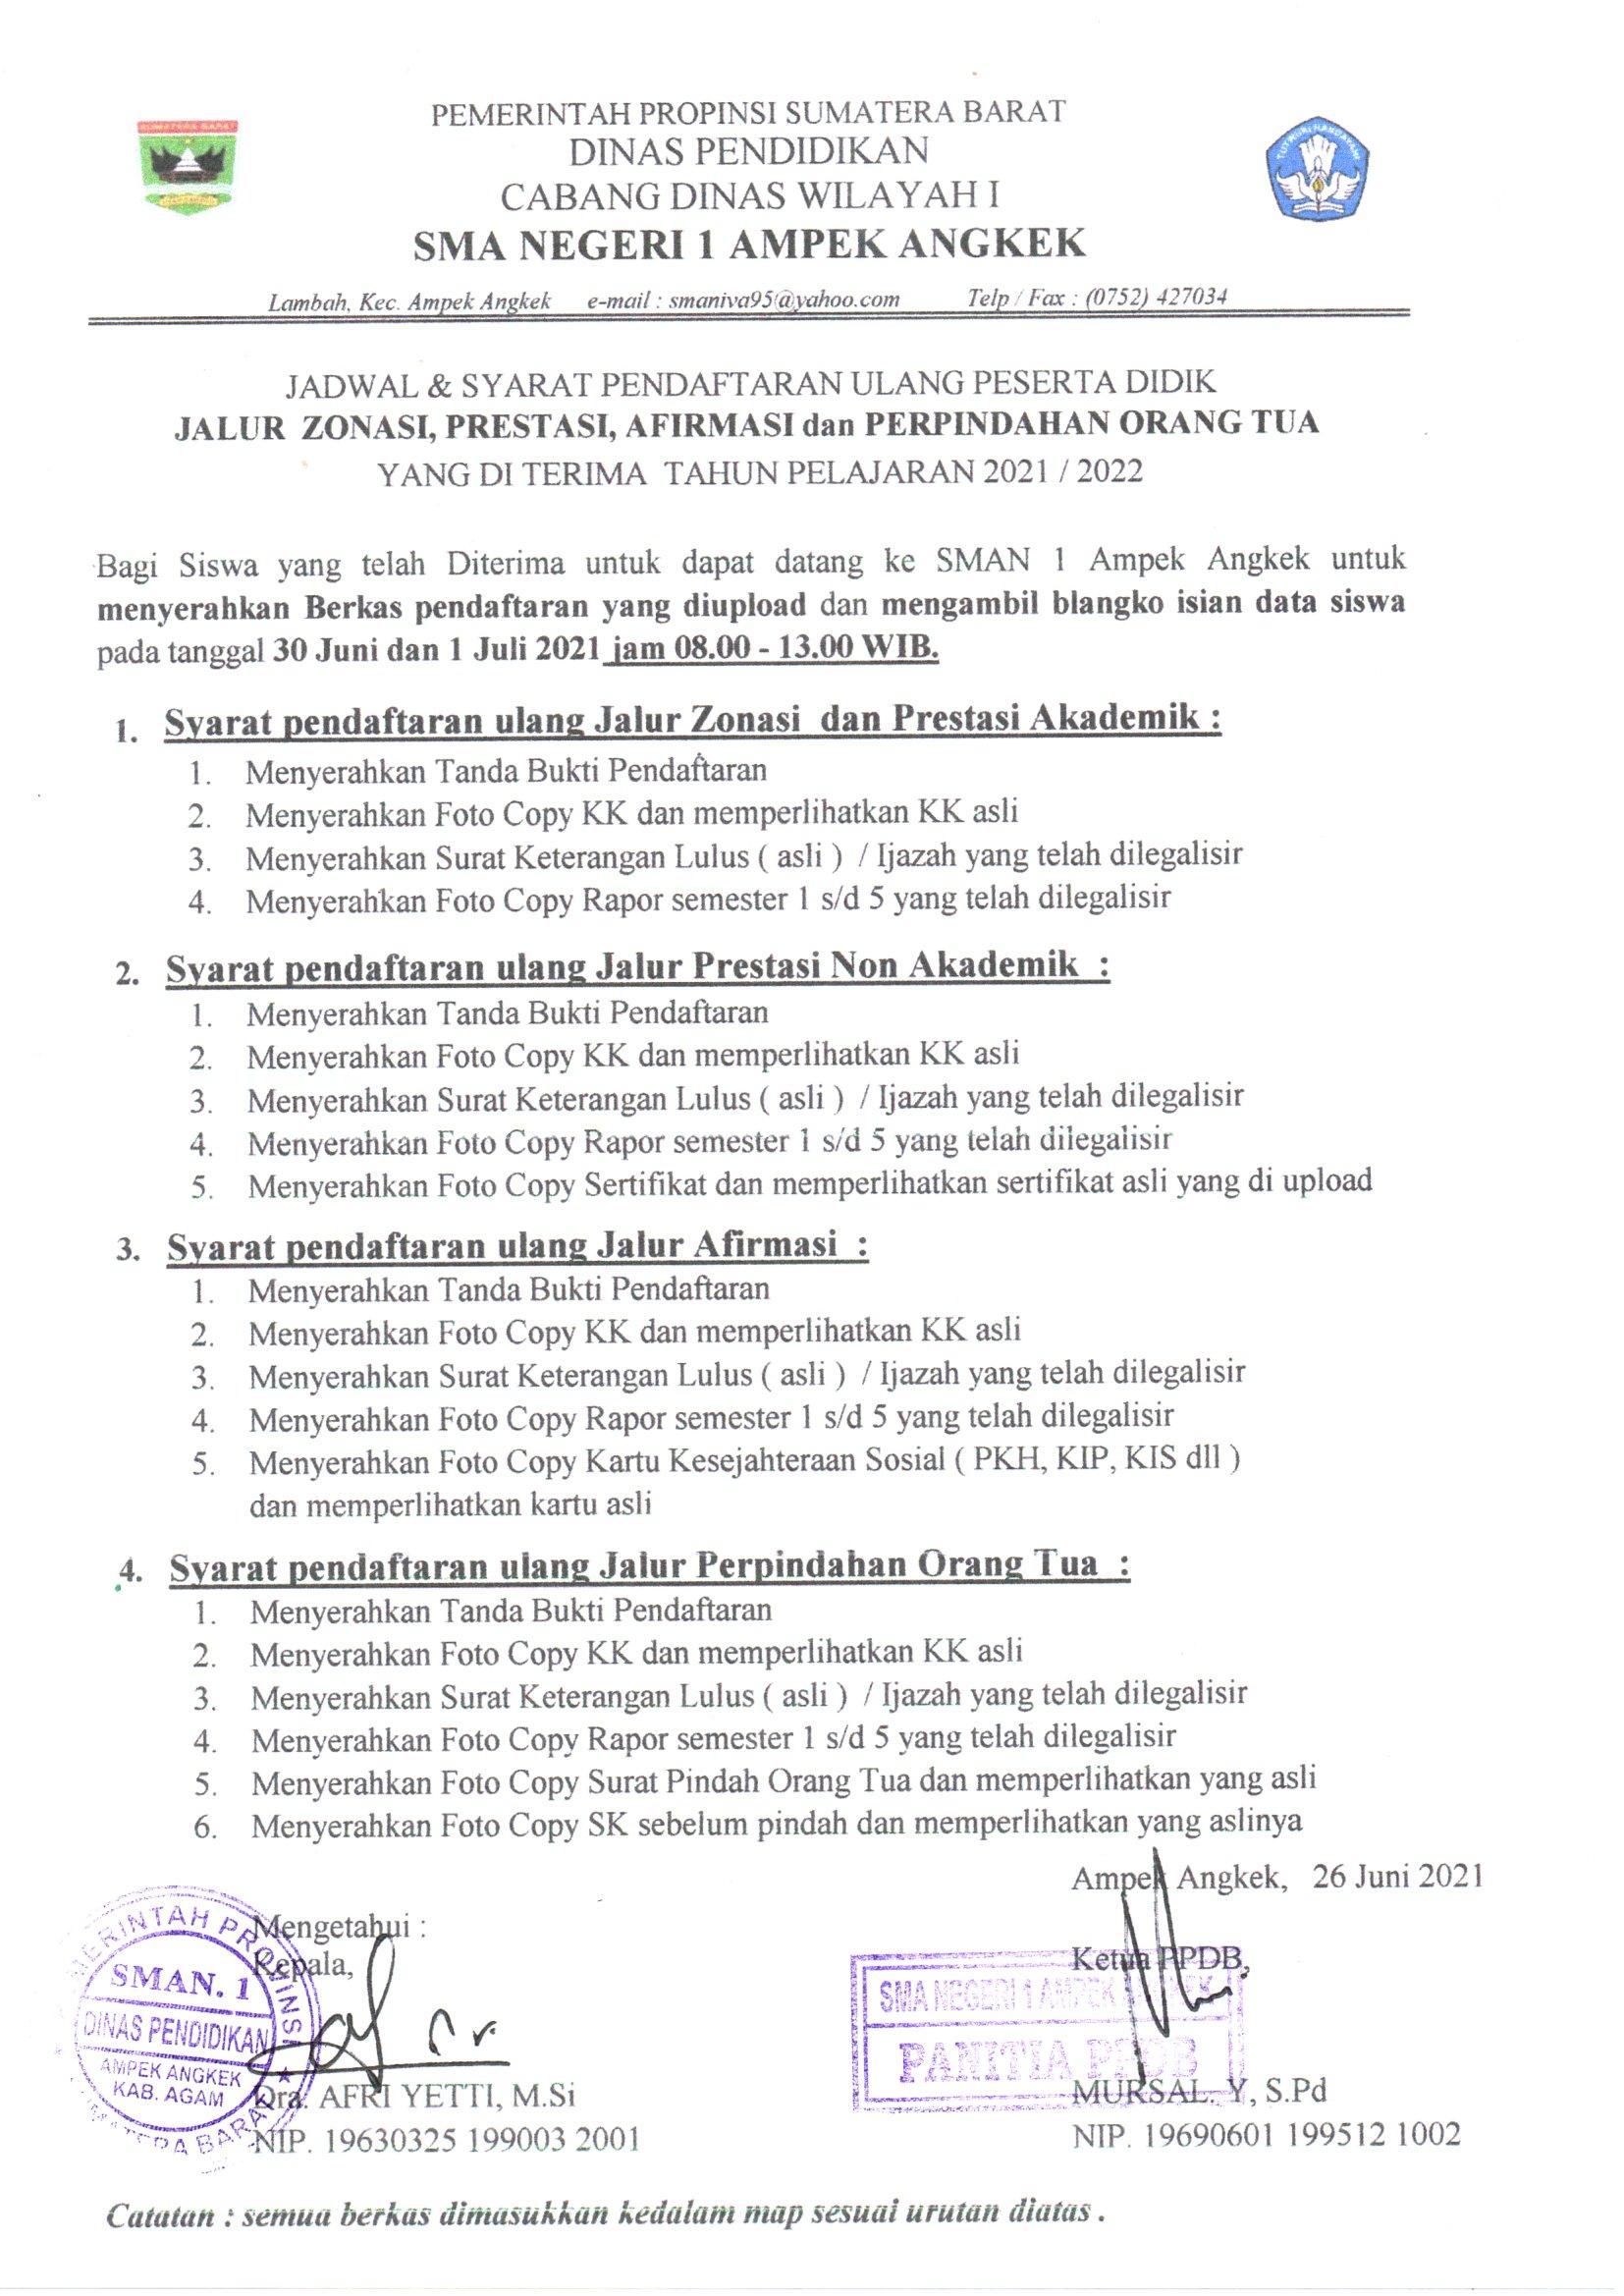 Jadwal dan Persyaratan Pendaftaran Ulang Jalur Zonasi, Prestasi Afirmasi dan Perpindahan Orang Tua yang diterima TP. 2021/2022